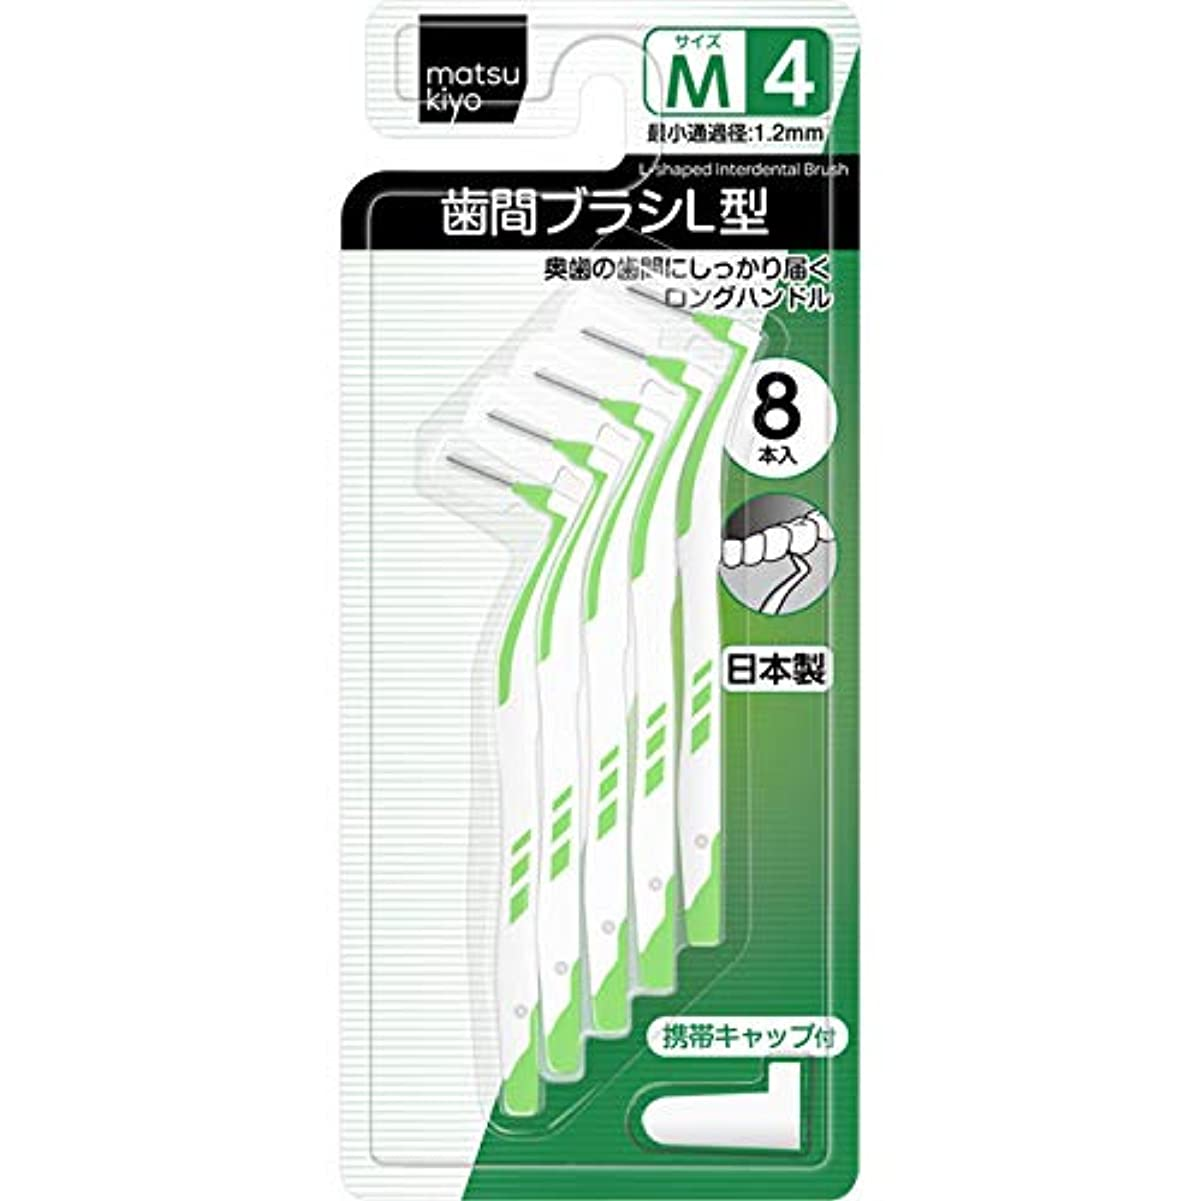 授業料ふざけたあまりにも毅?インエグゼサプライ matsukiyo 歯間ブラシL型 サイズ4(M) 8本